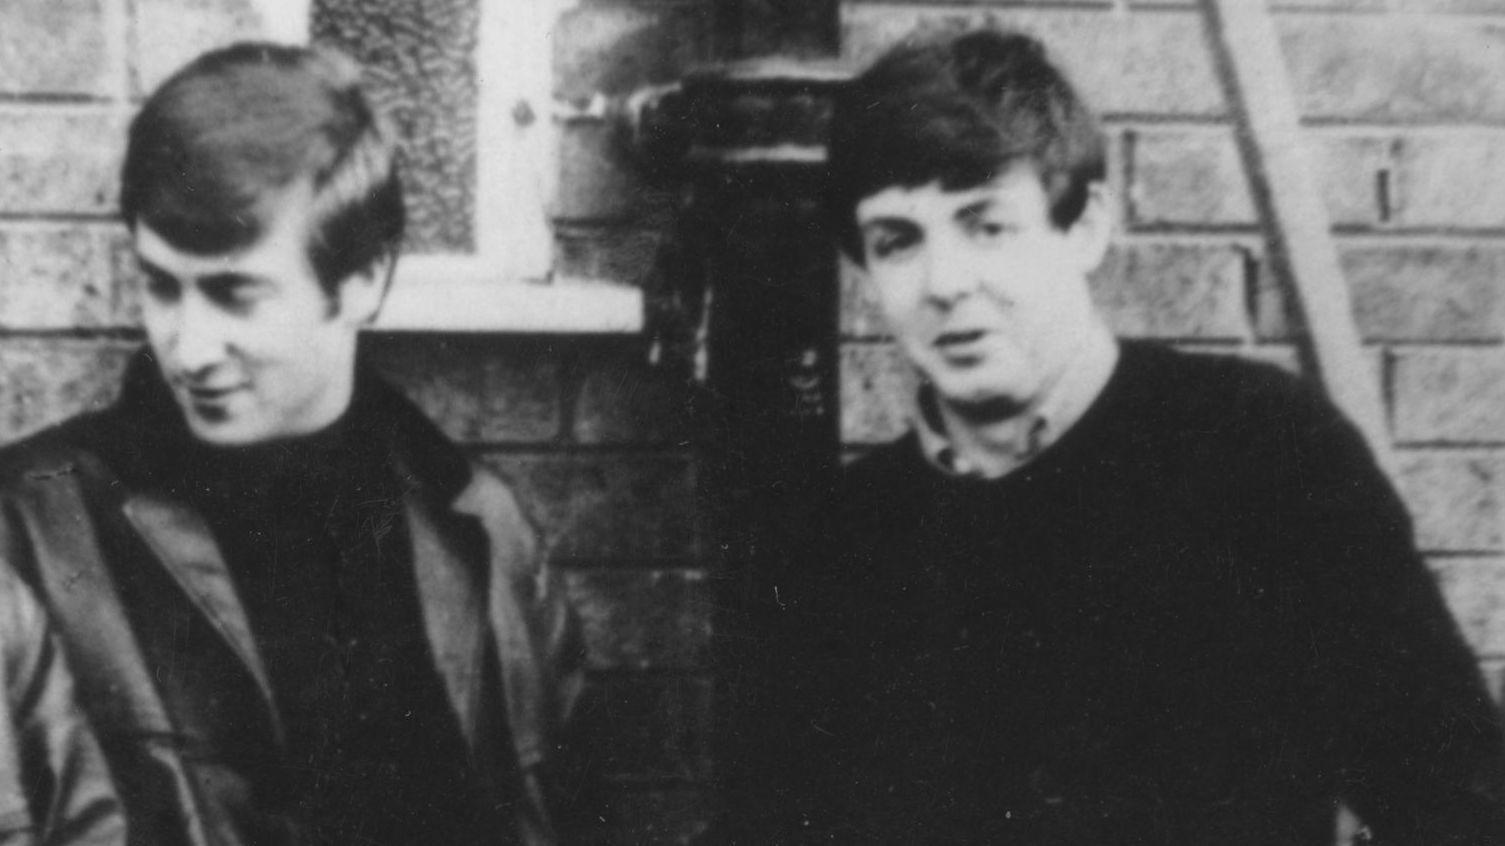 60 Years Ago, 2 Boys Met And The Beatles Began | WPSU  60 Years Ago, 2...